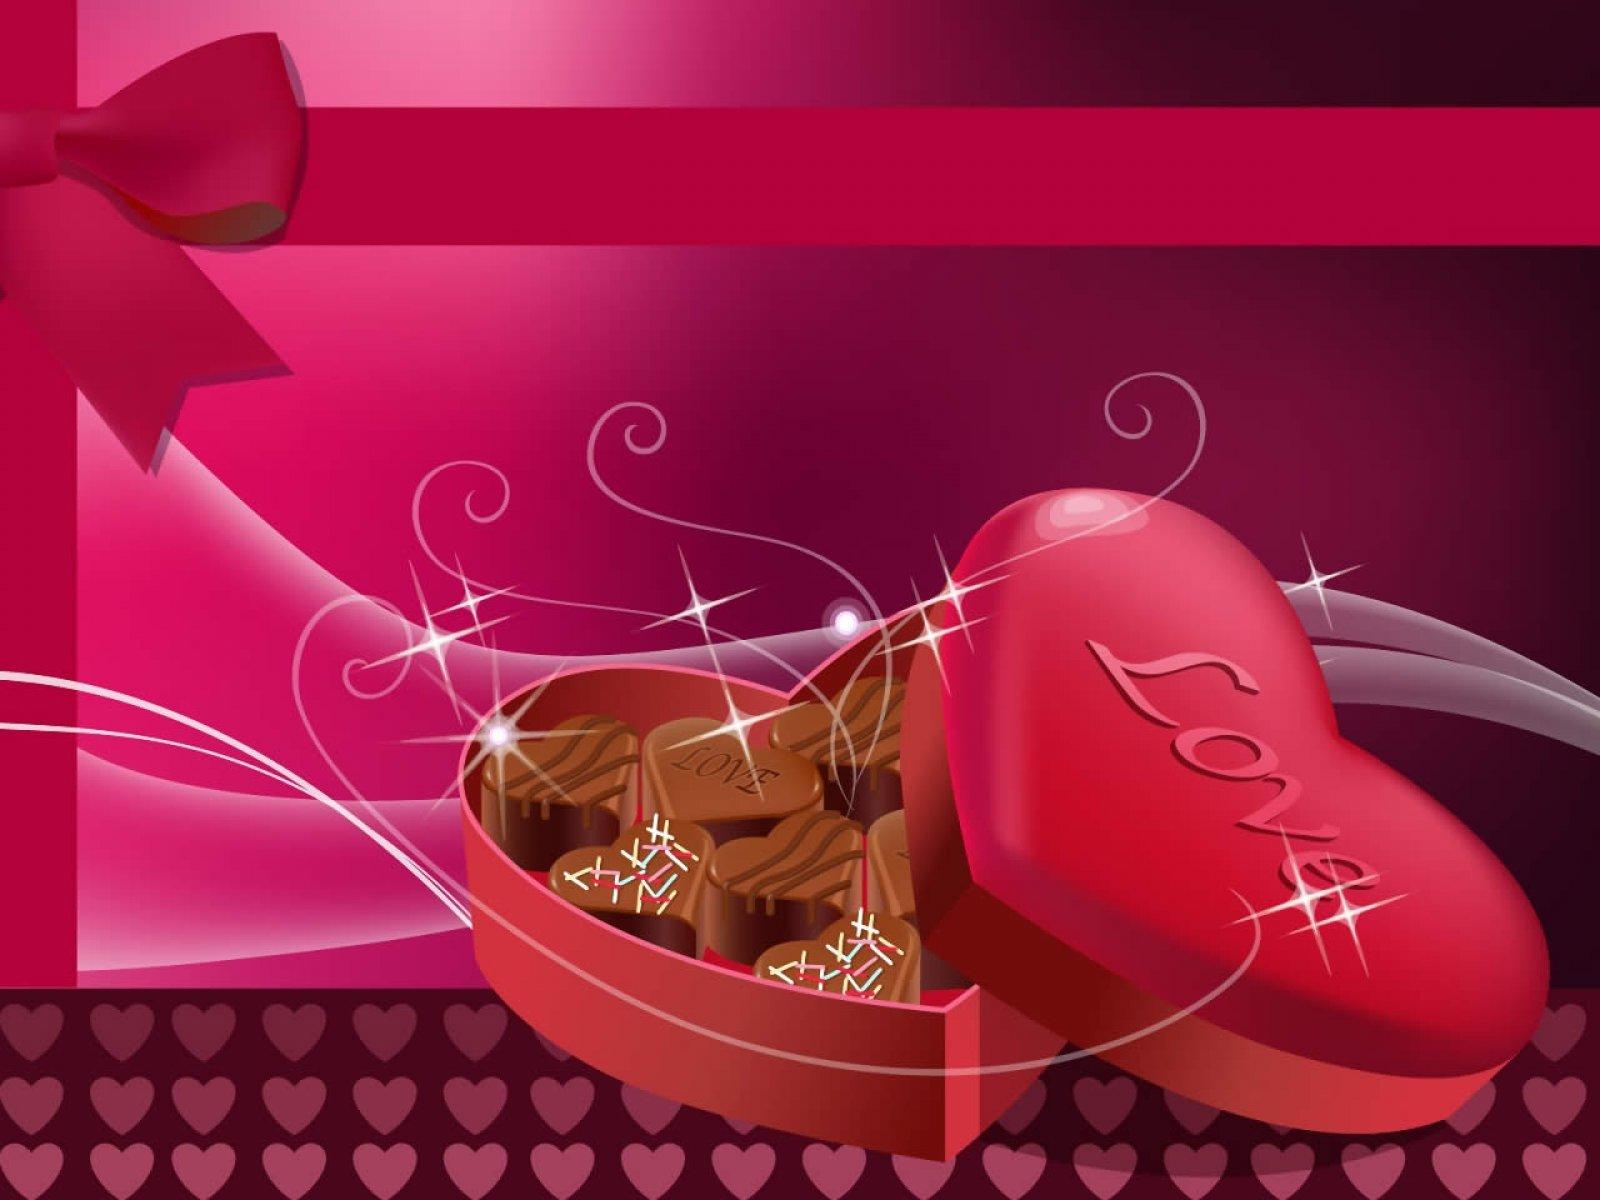 صور قلوب وحب ورومانسية وصورة قلب HD  (35)